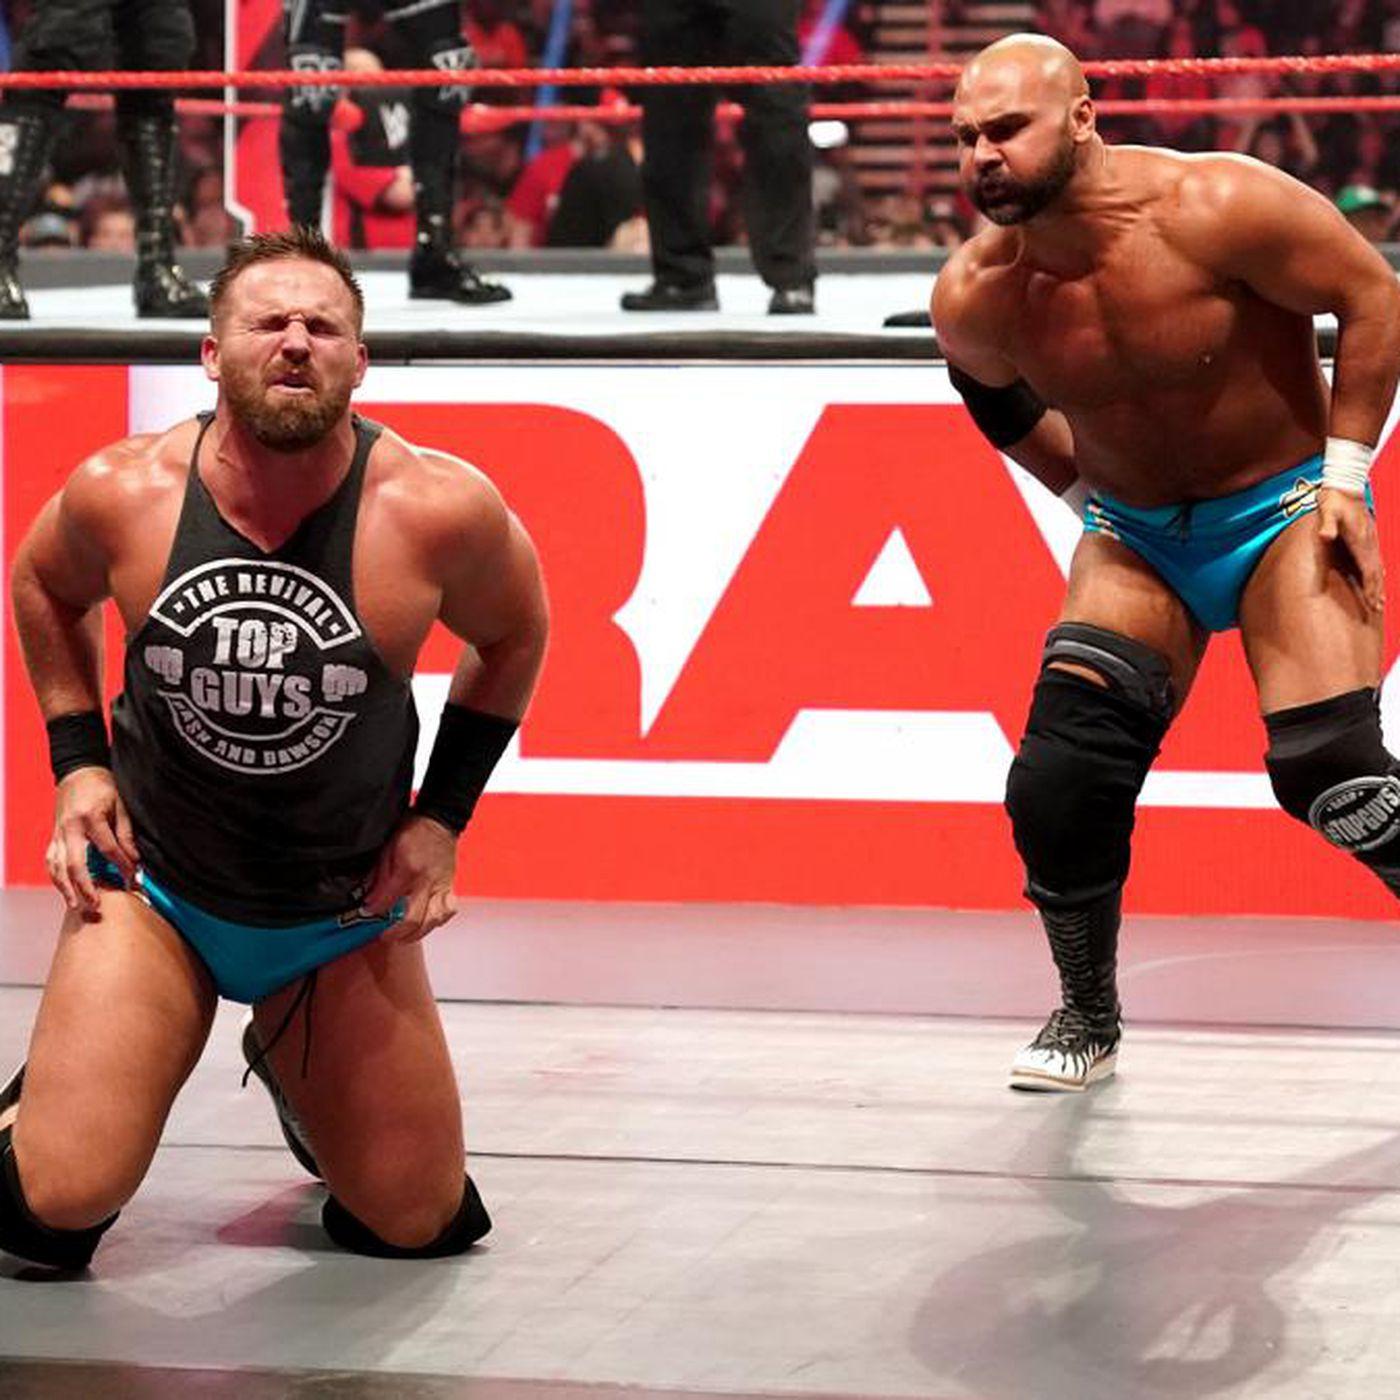 The Revival lidiando con WWE y su revanchismo - WWE